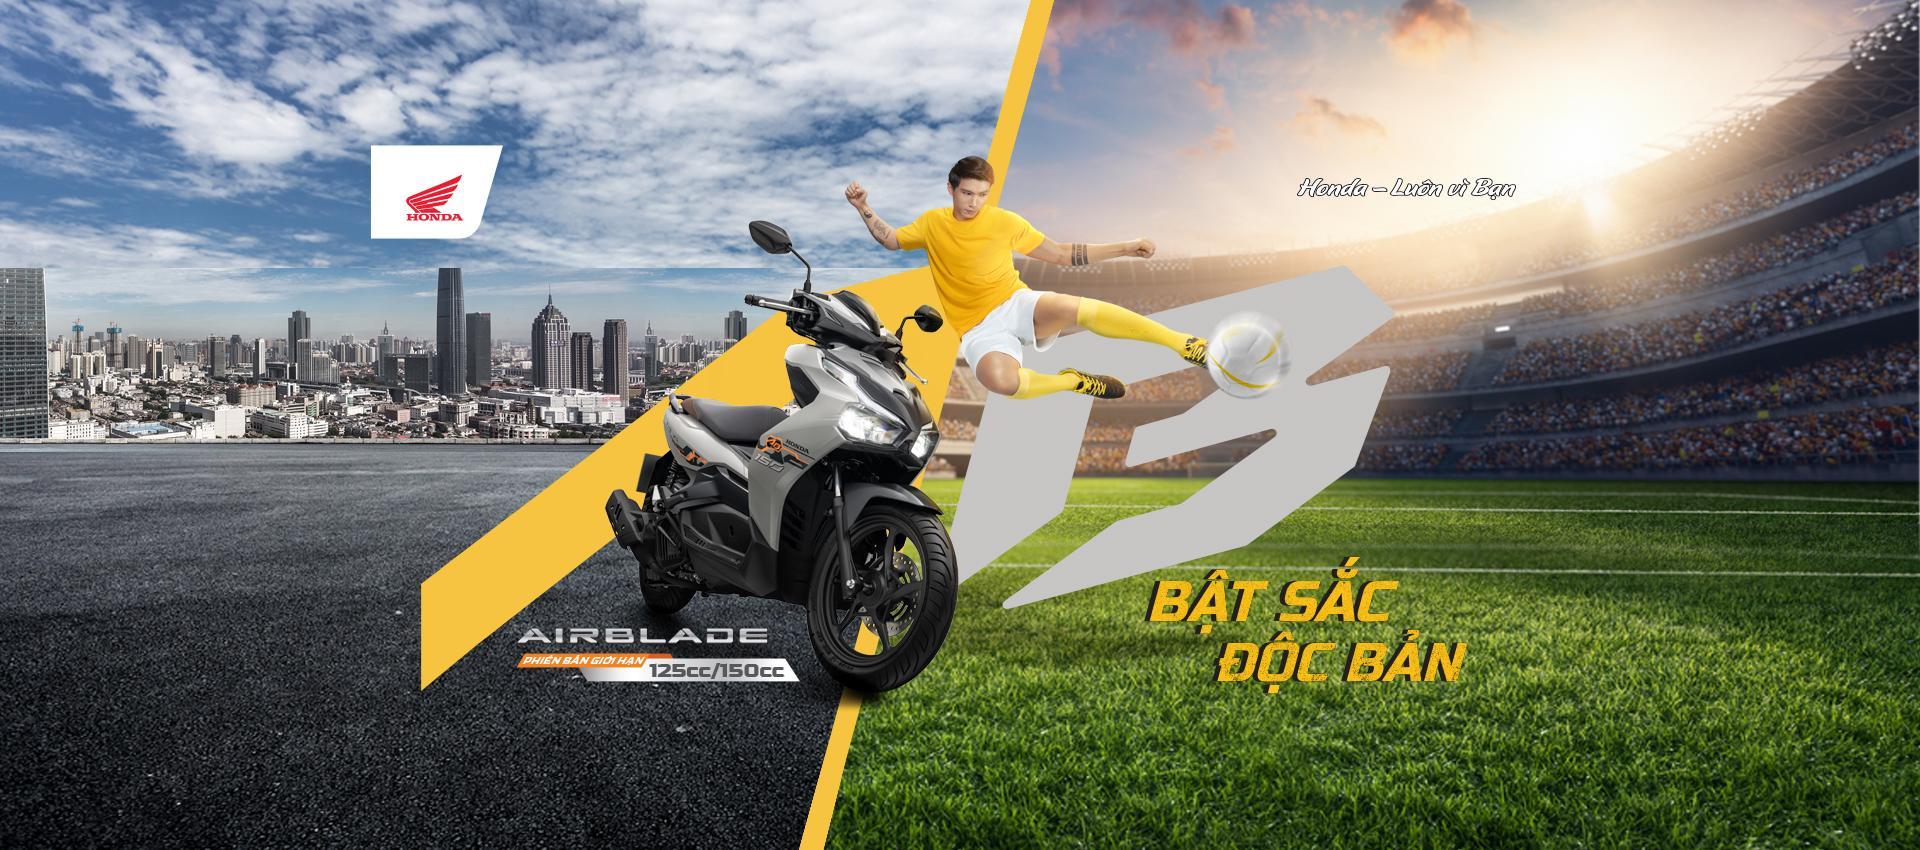 Honda Việt Nam giới thiệu phiên bản giới hạn Honda Air Blade 150cc/125cc – Bật sắc độc bản